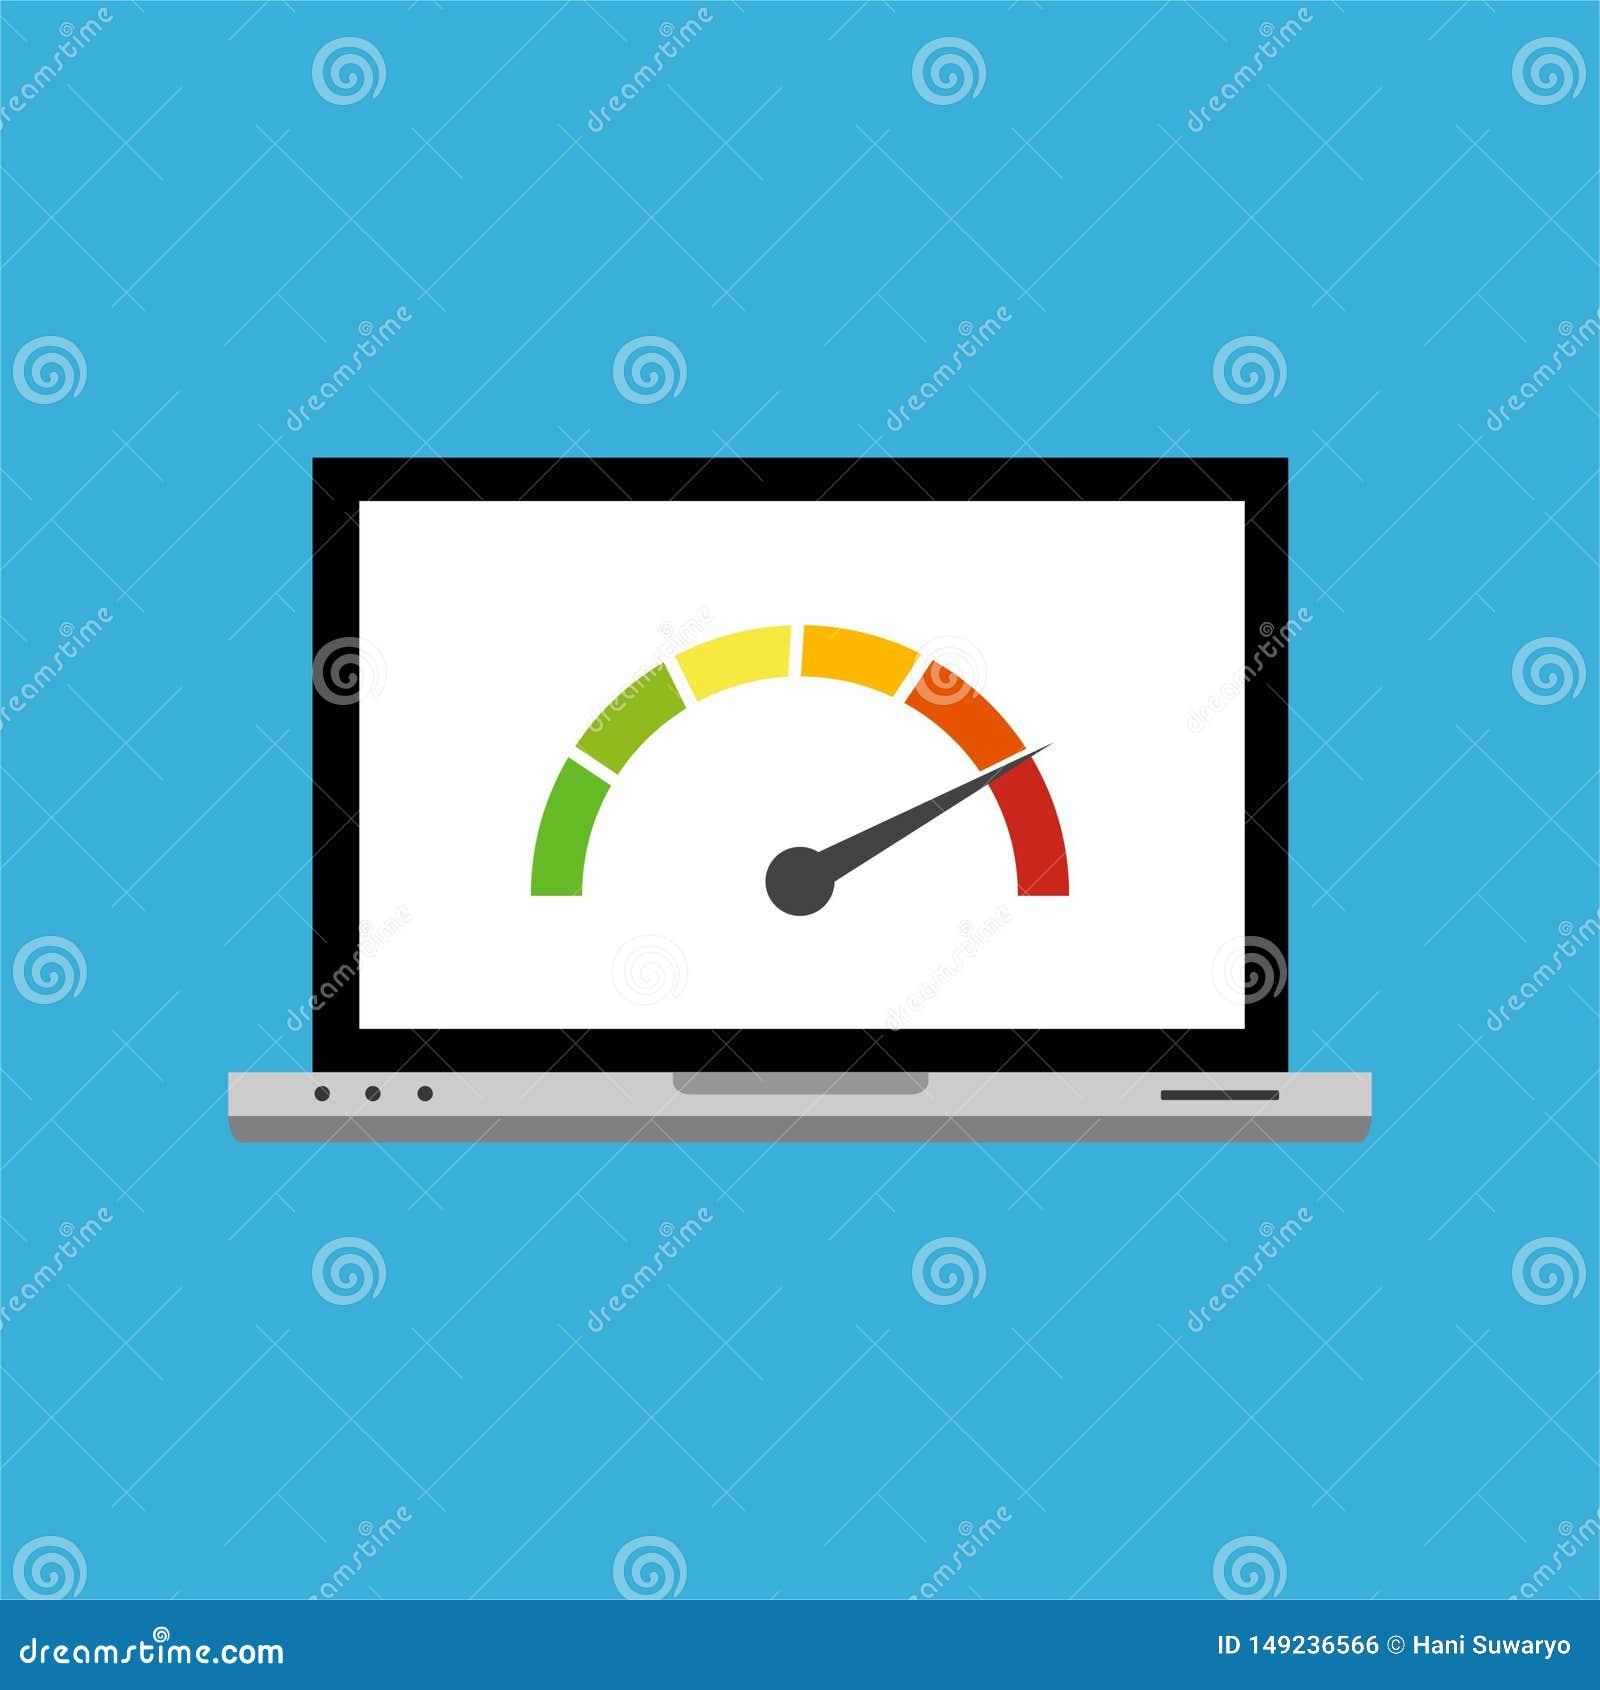 网站速度装载时间 与证明快速的好页装货速度时间的车速表试验的浏览器 r